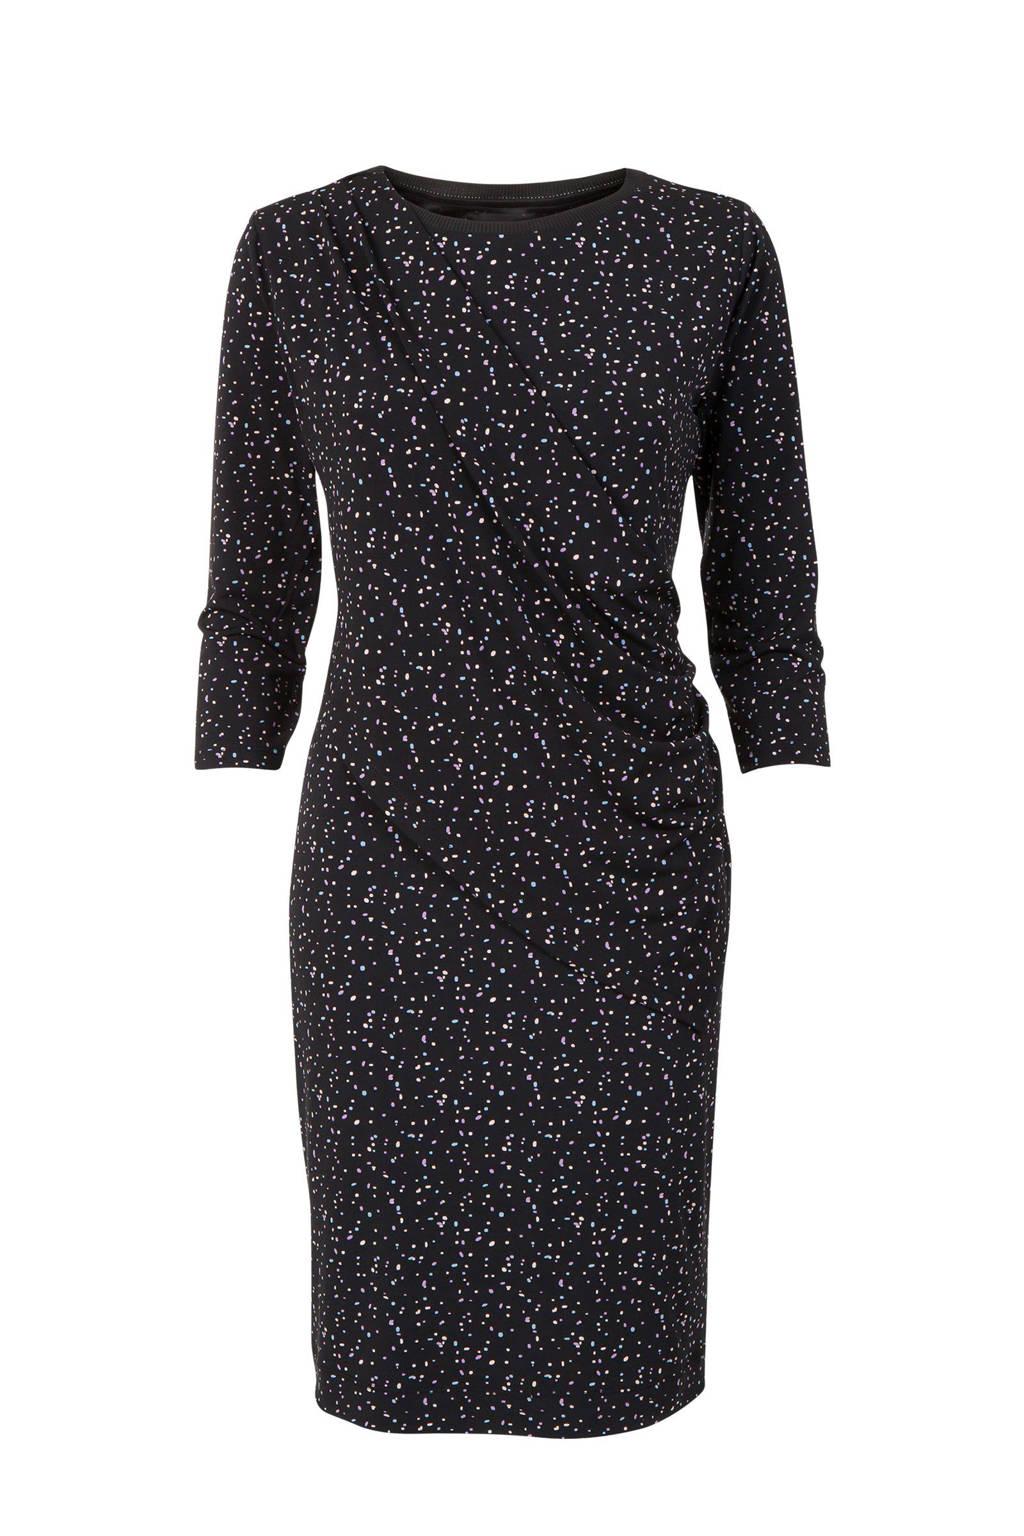 Promiss jurk met all over print zwart, Zwart